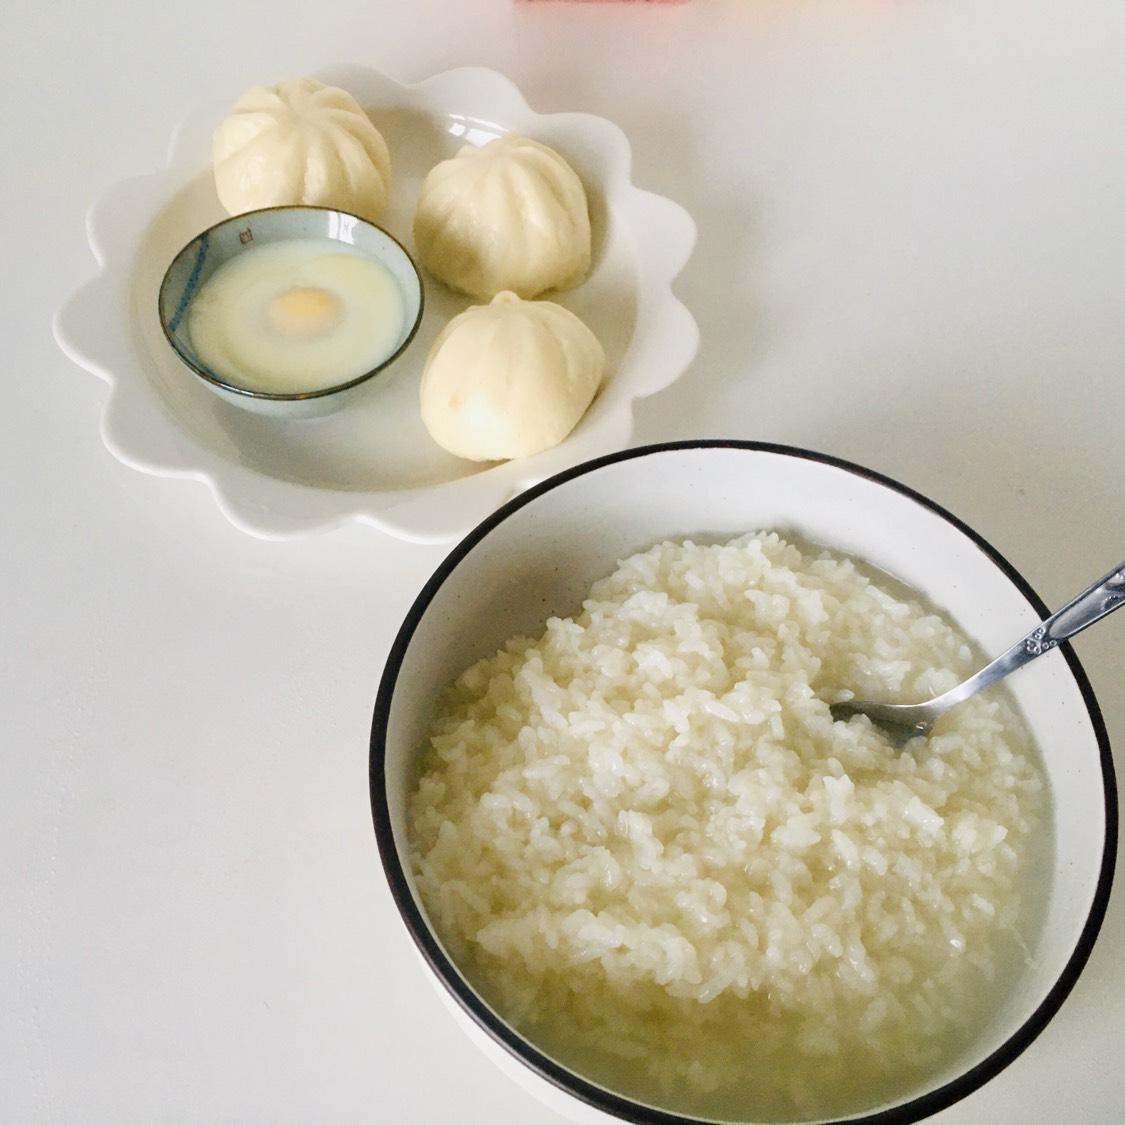 下面煮粥上面蒸包子和鸡蛋🥚 真的